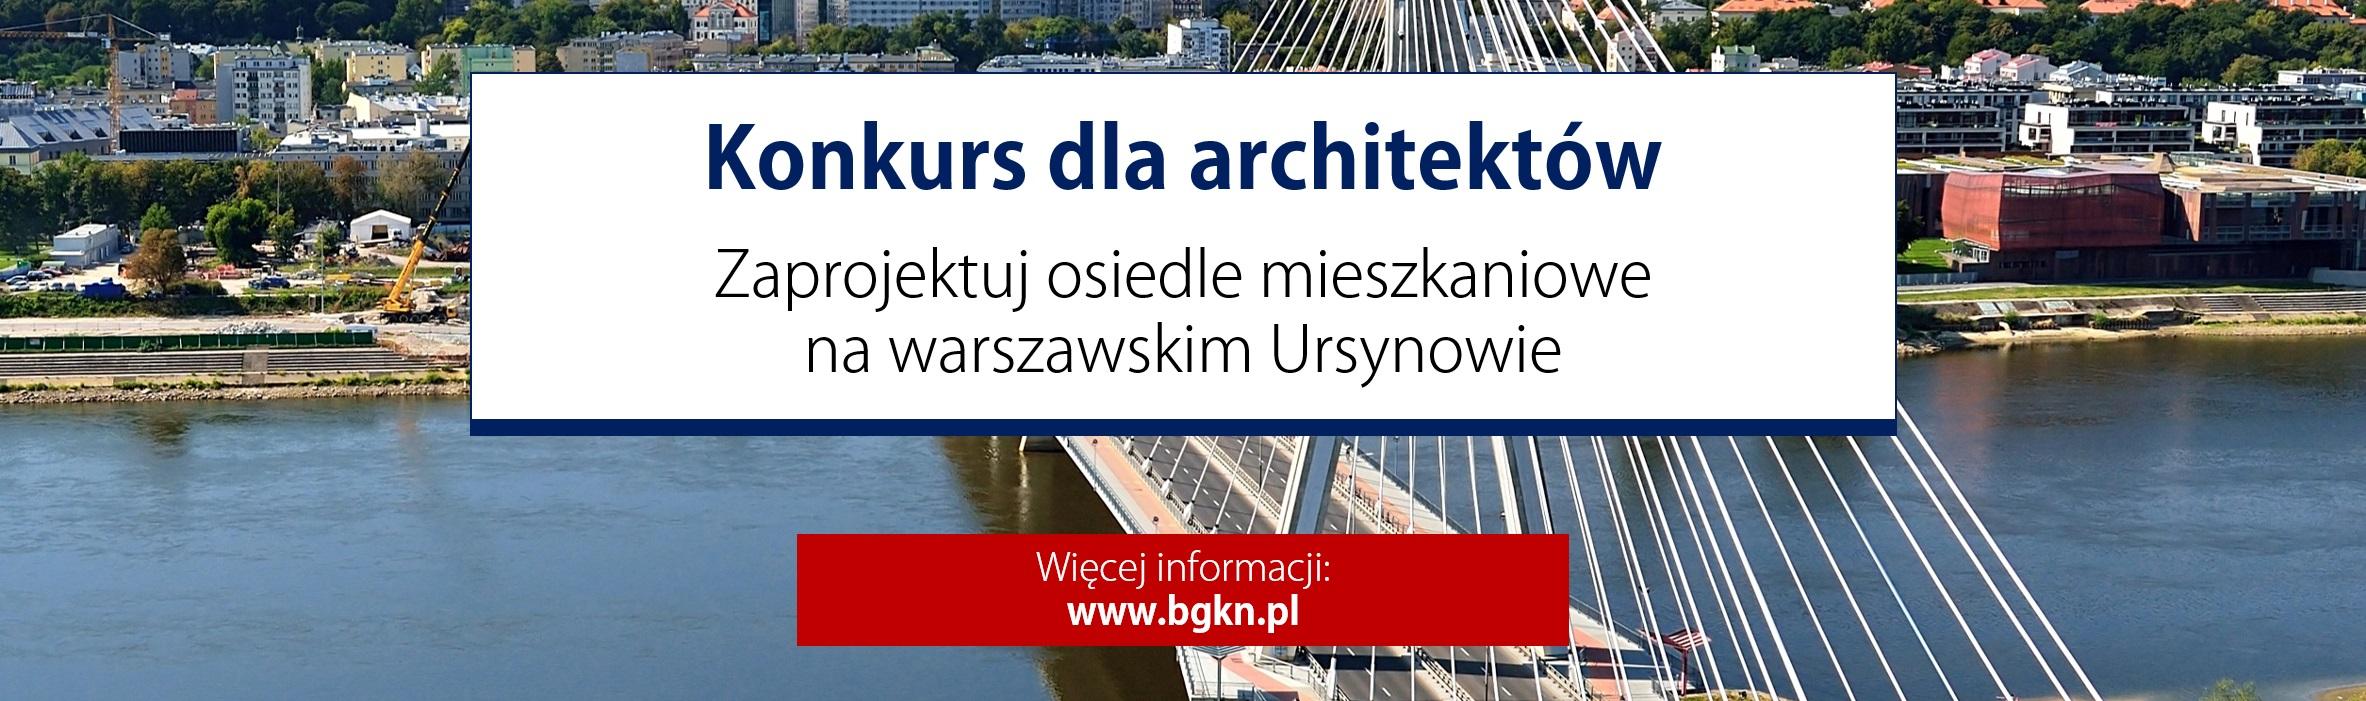 Zaprojektuj osiedle na Ursynowie! (źródło: materiały prasowe organizatora)